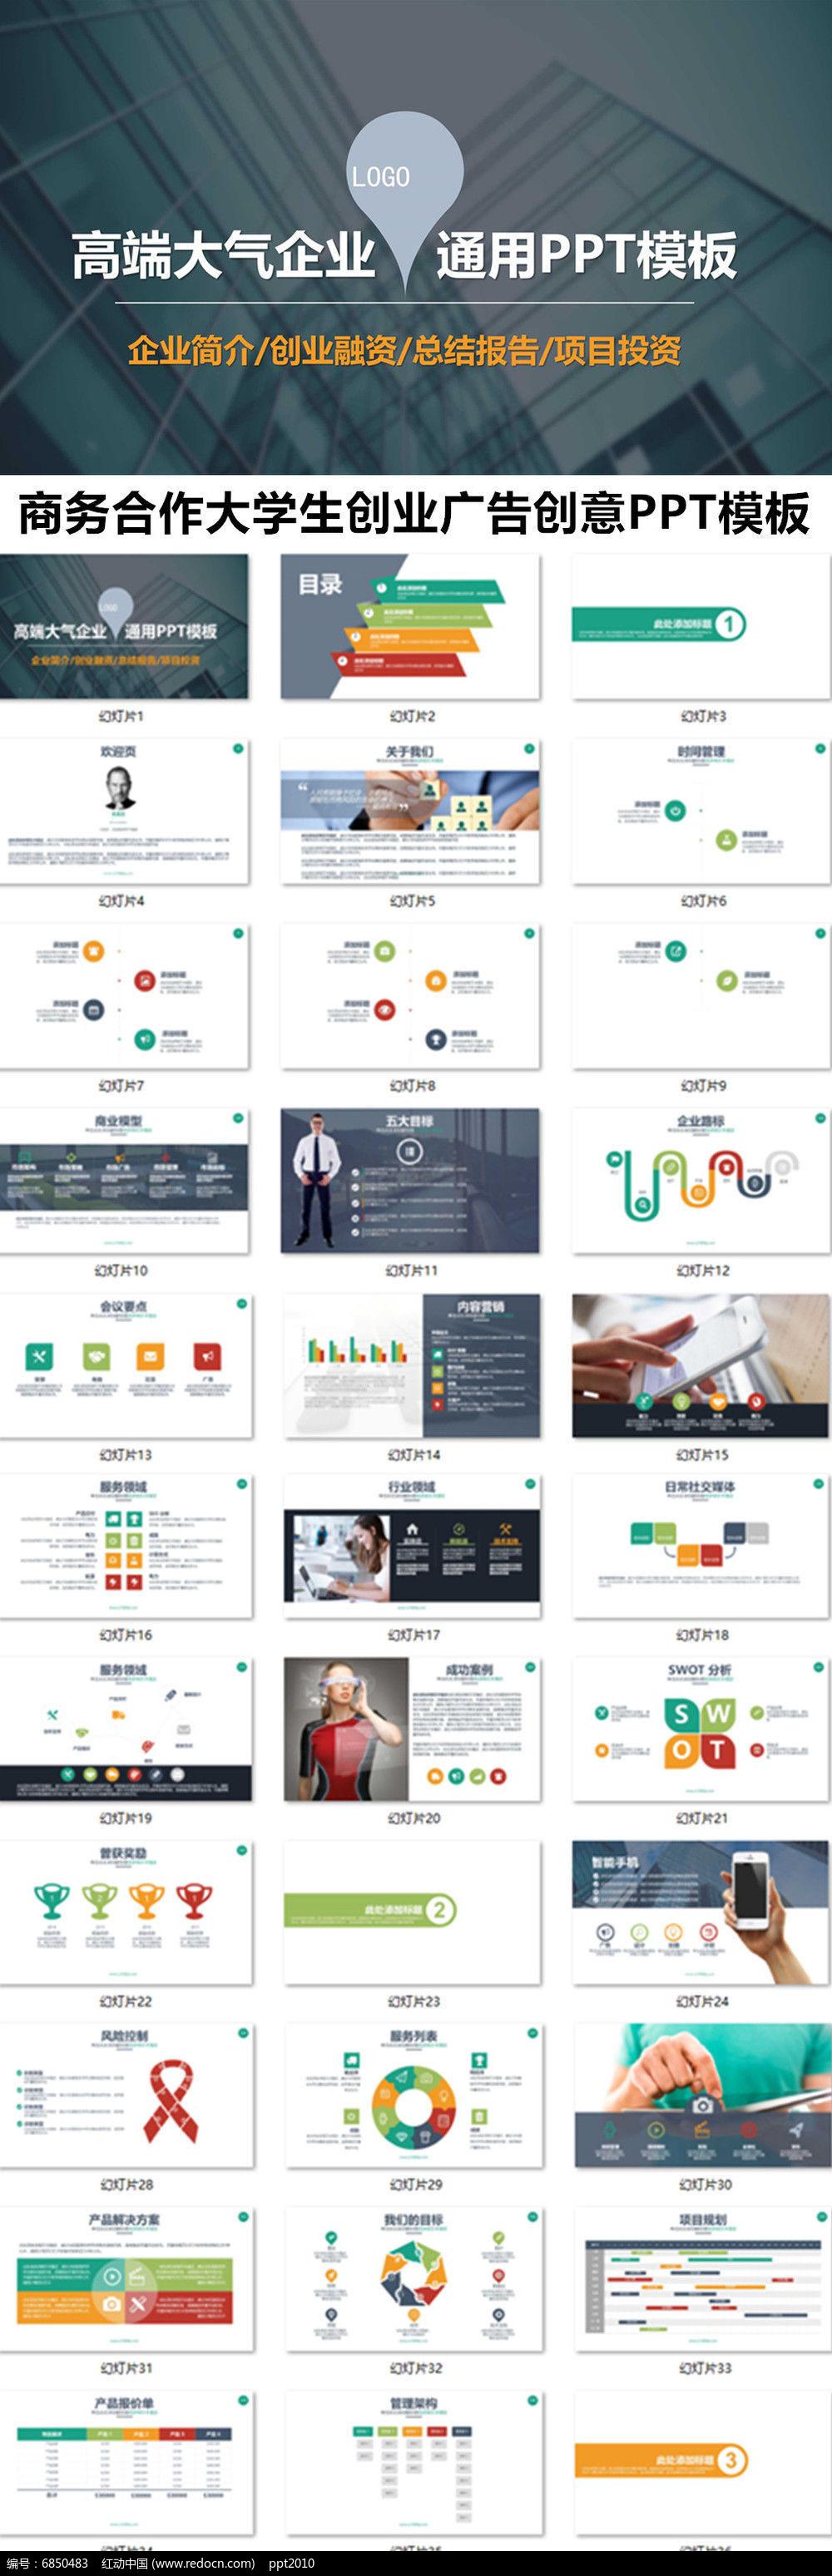 商务合作大学生创业广告创意ppt模板商务通用ppt模版